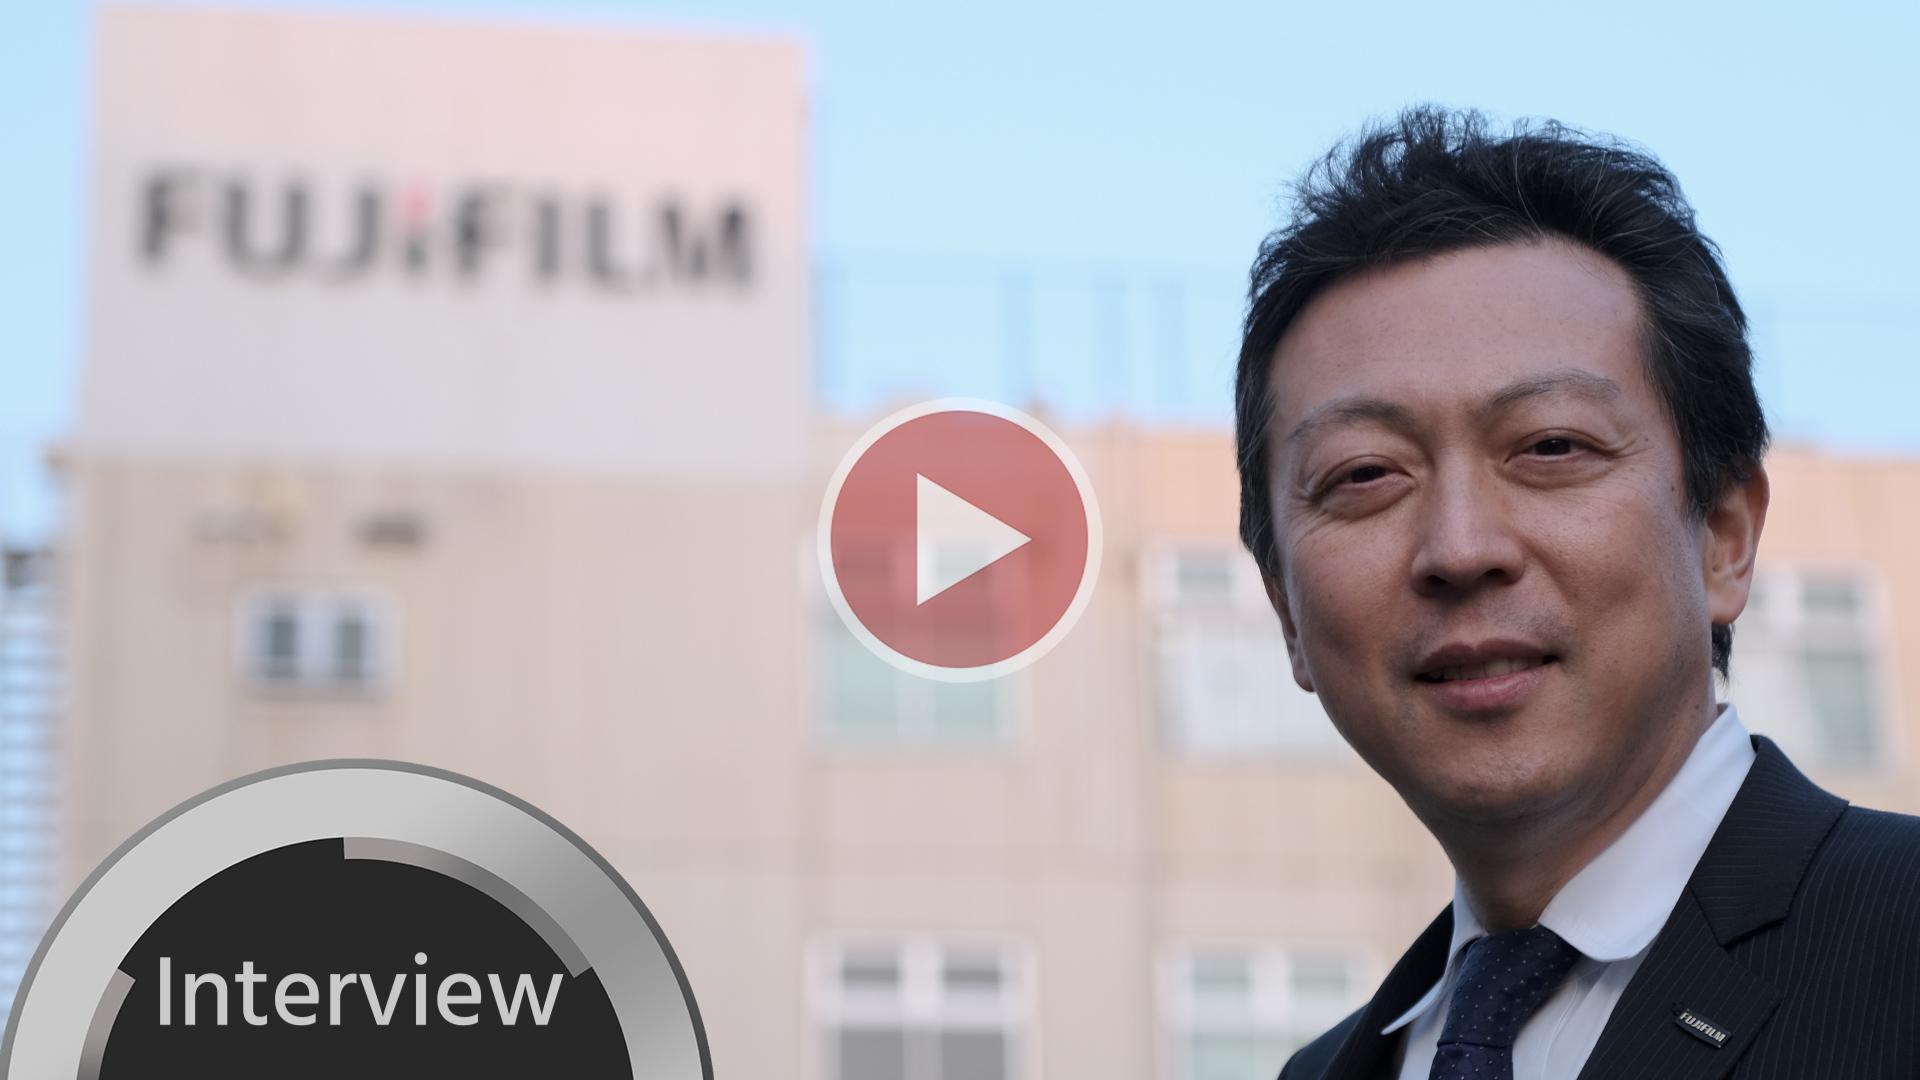 Entrevista a Toshi Iida: el Gerente general de FUJIFILM responde sobre la fase de la industria, la X-T4 y más